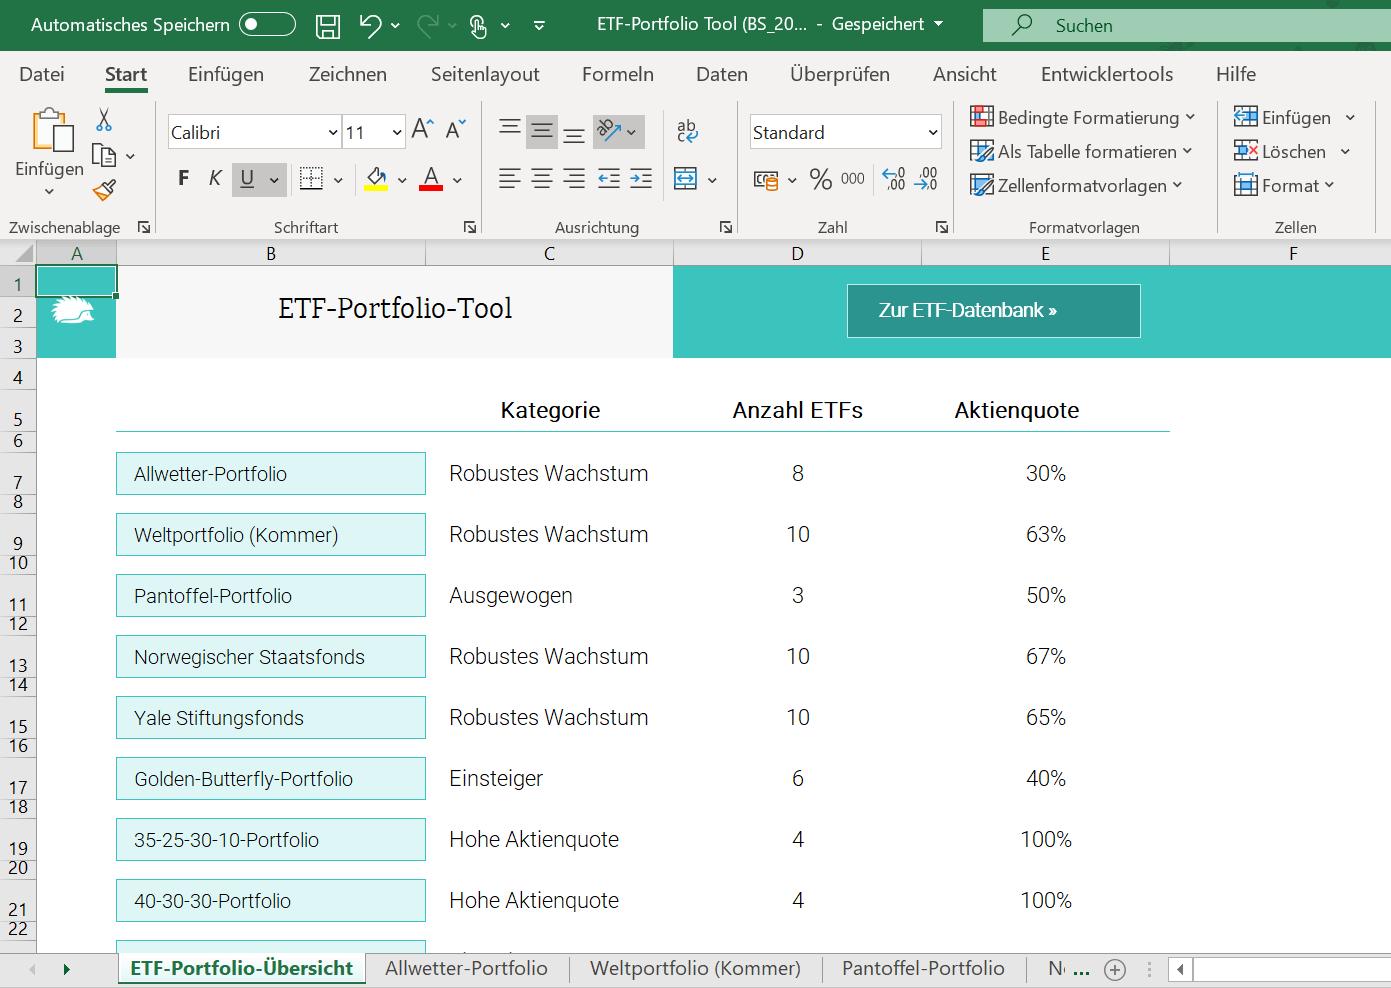 etf-portfolio-strategie-hero